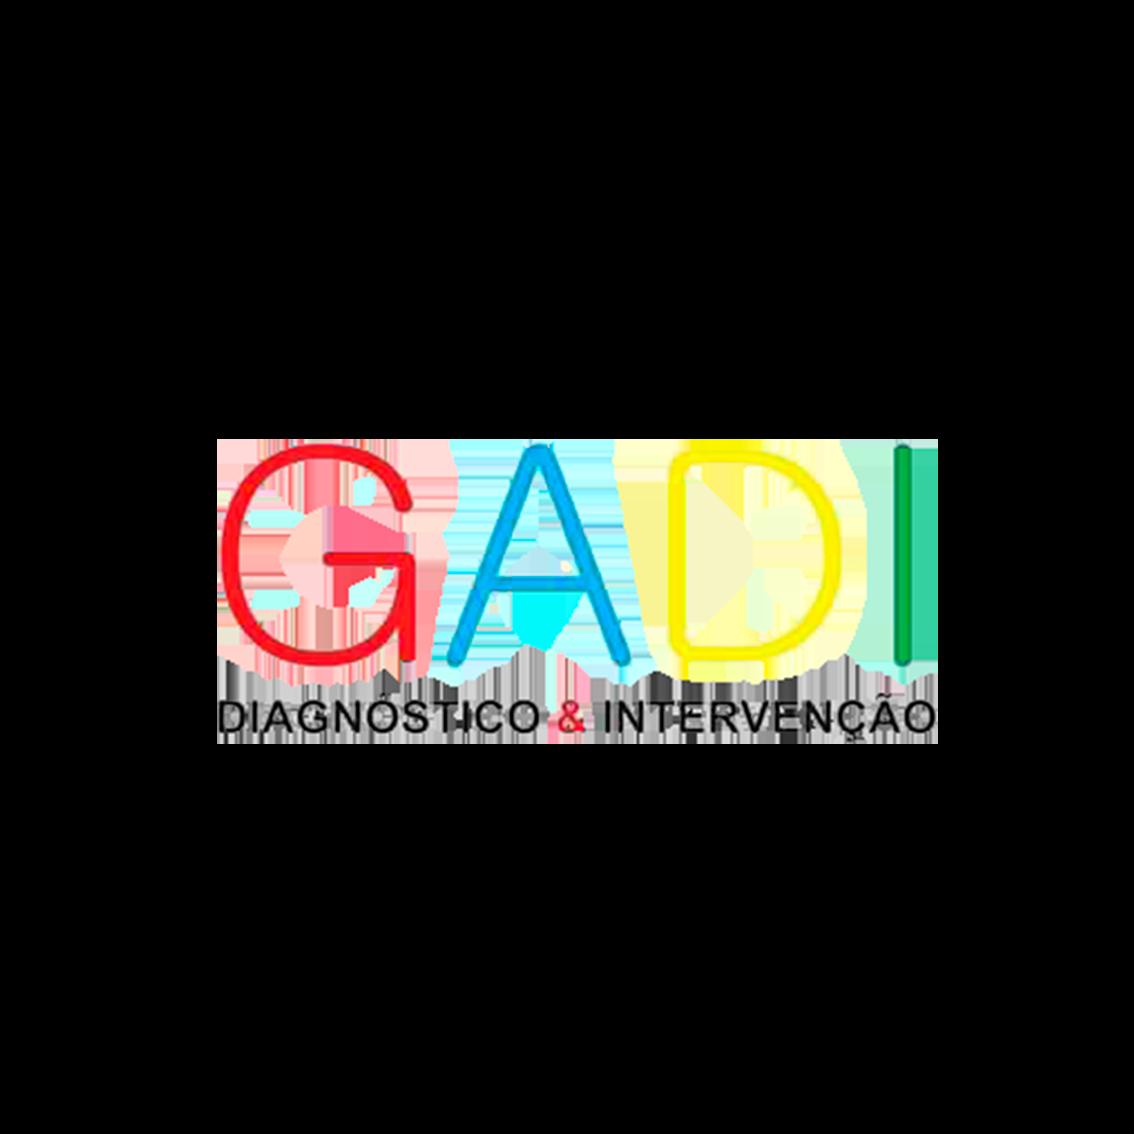 sessaoazul_logo-GADI